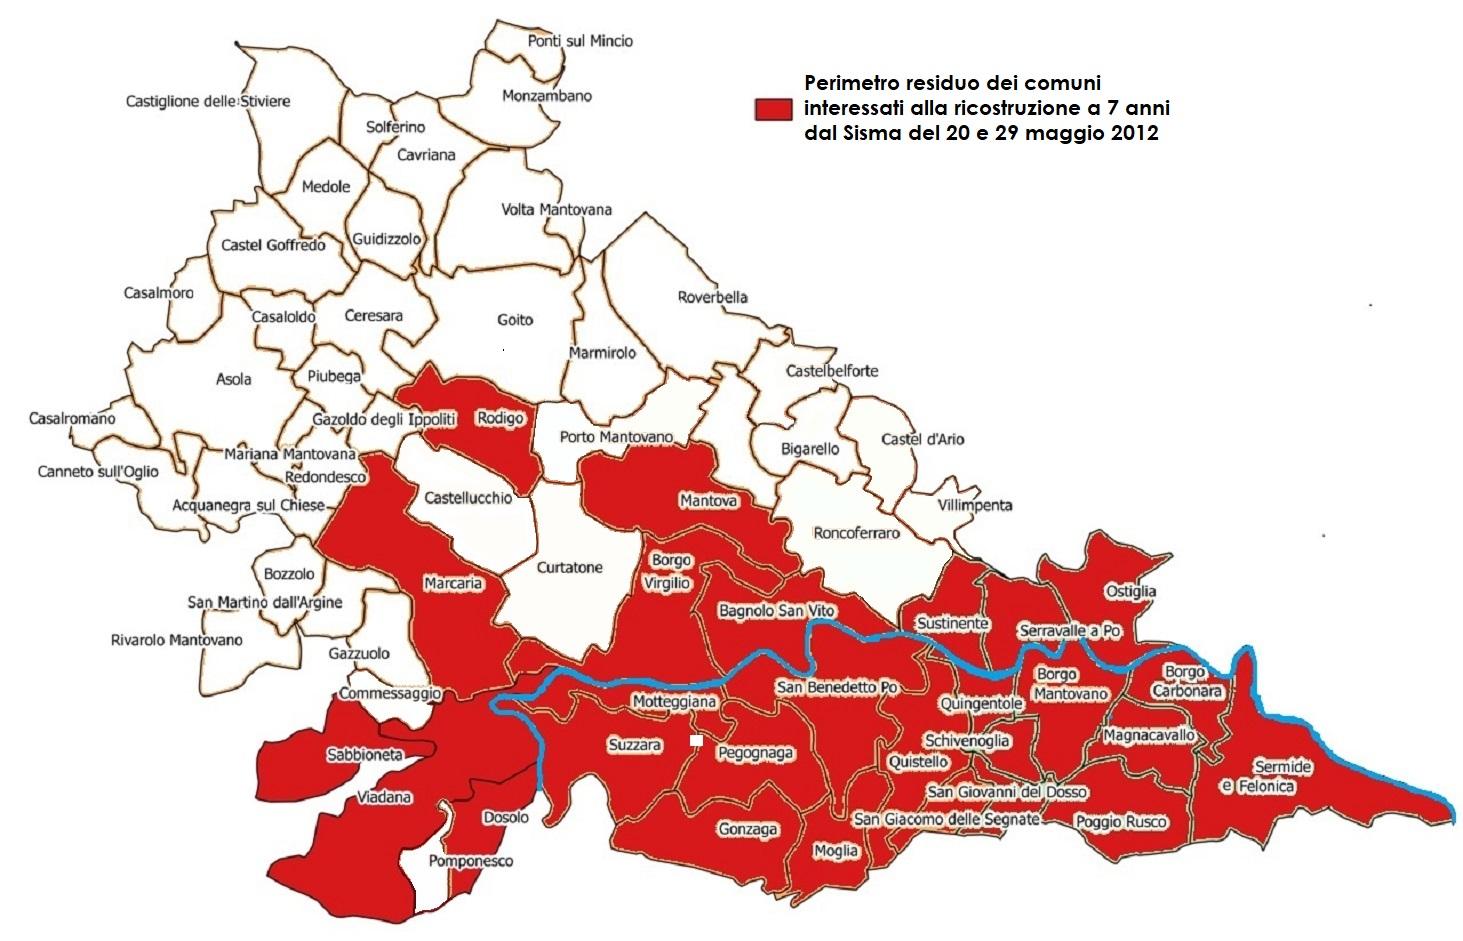 Cartina Lombardia Con Tutti I Comuni.Il Sisma Del 20 E 29 Maggio 2012 In Lombardia